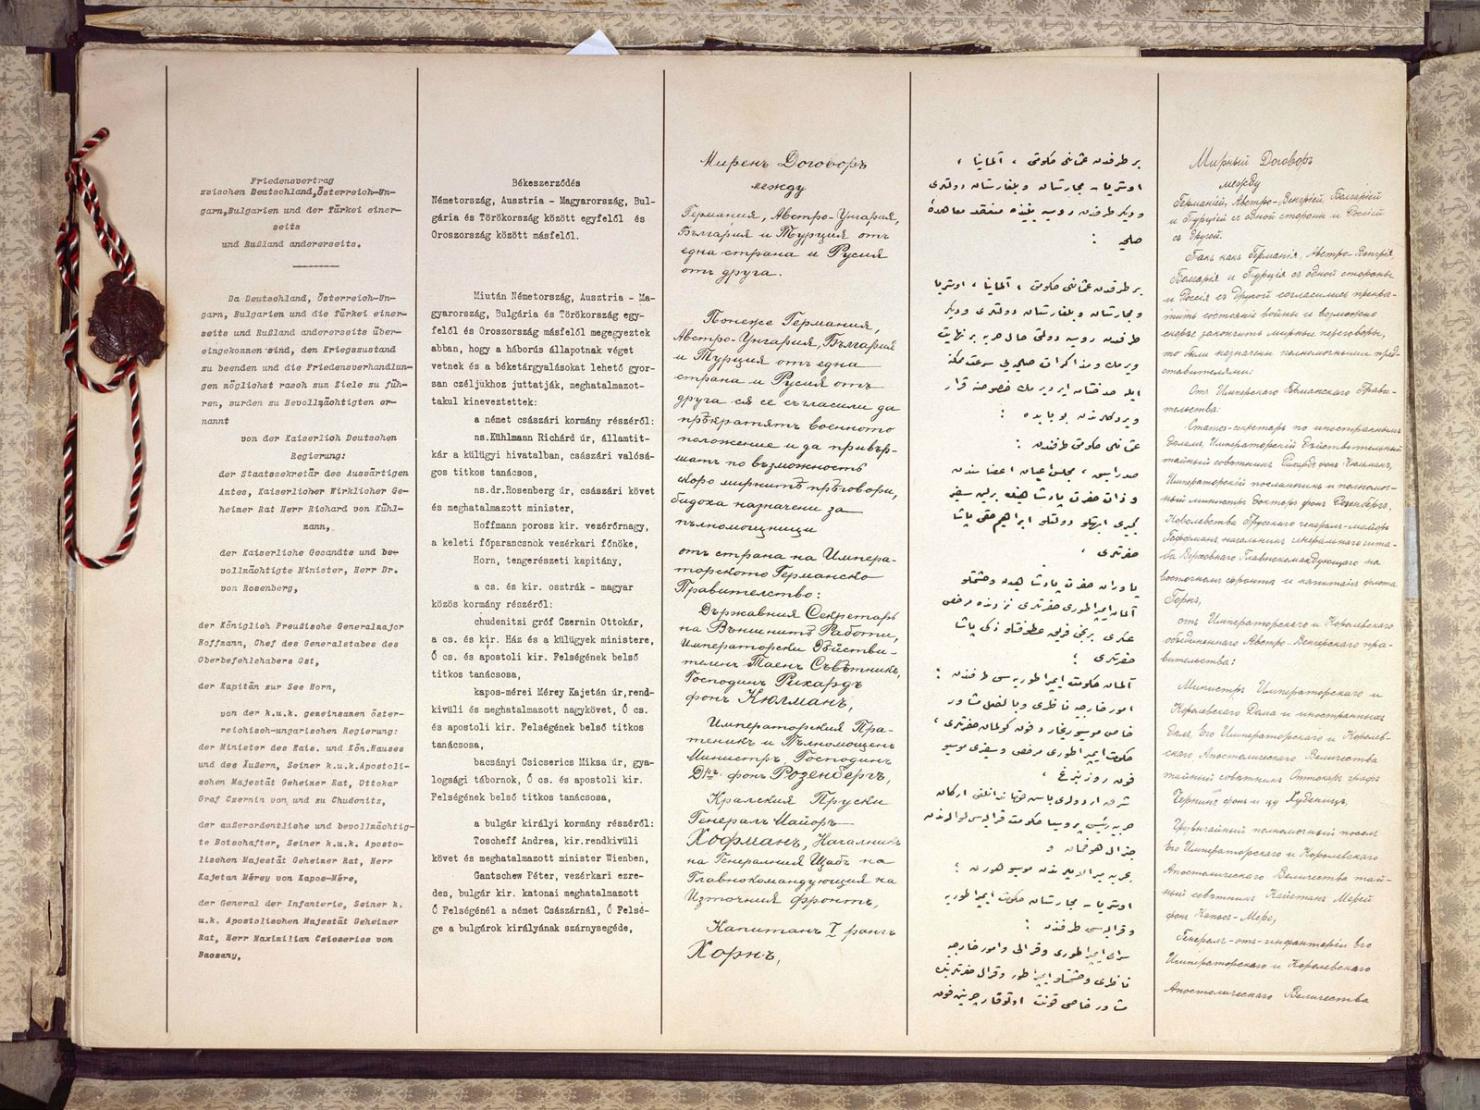 23Ксерокопия первой страницы Брест-Литовского мирного договора между Советской Россией и Германией, Австро-Венгрией, Болгарией и Турцией, март 1918 года